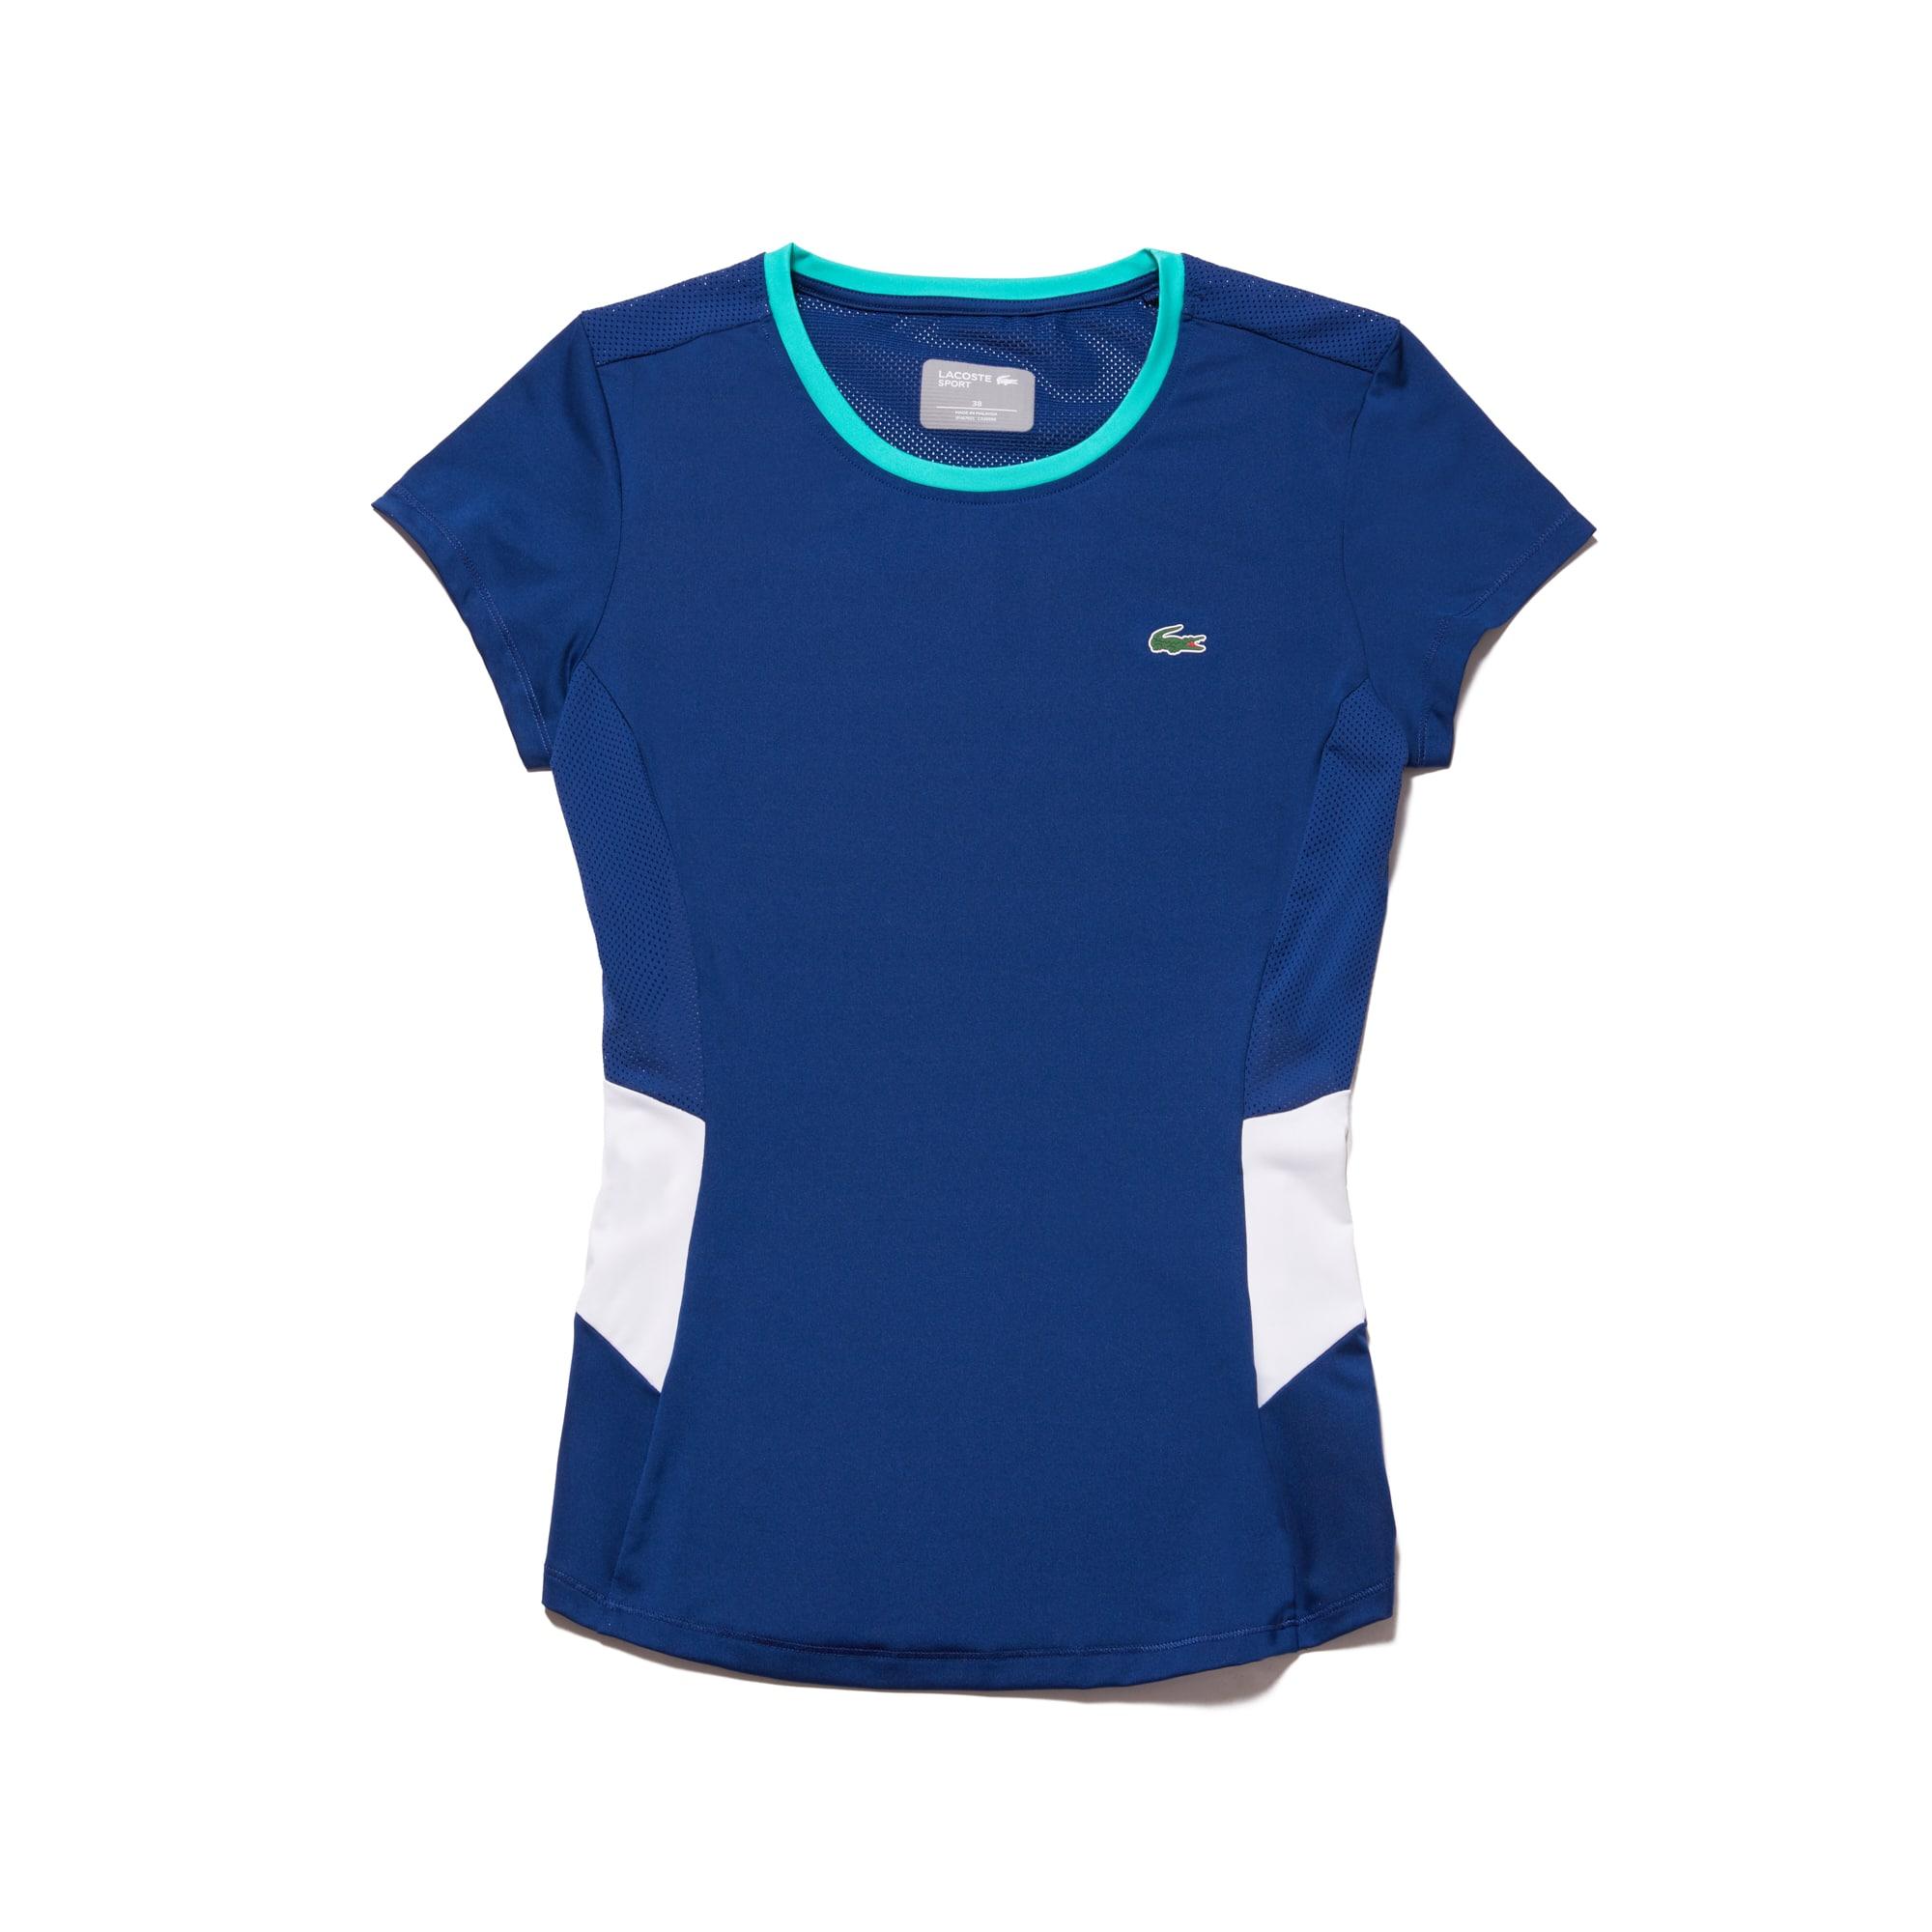 라코스테 Lacoste Womens SPORT Crew Neck Stretch Jersey Tennis T-shirt,navy blue / white / green